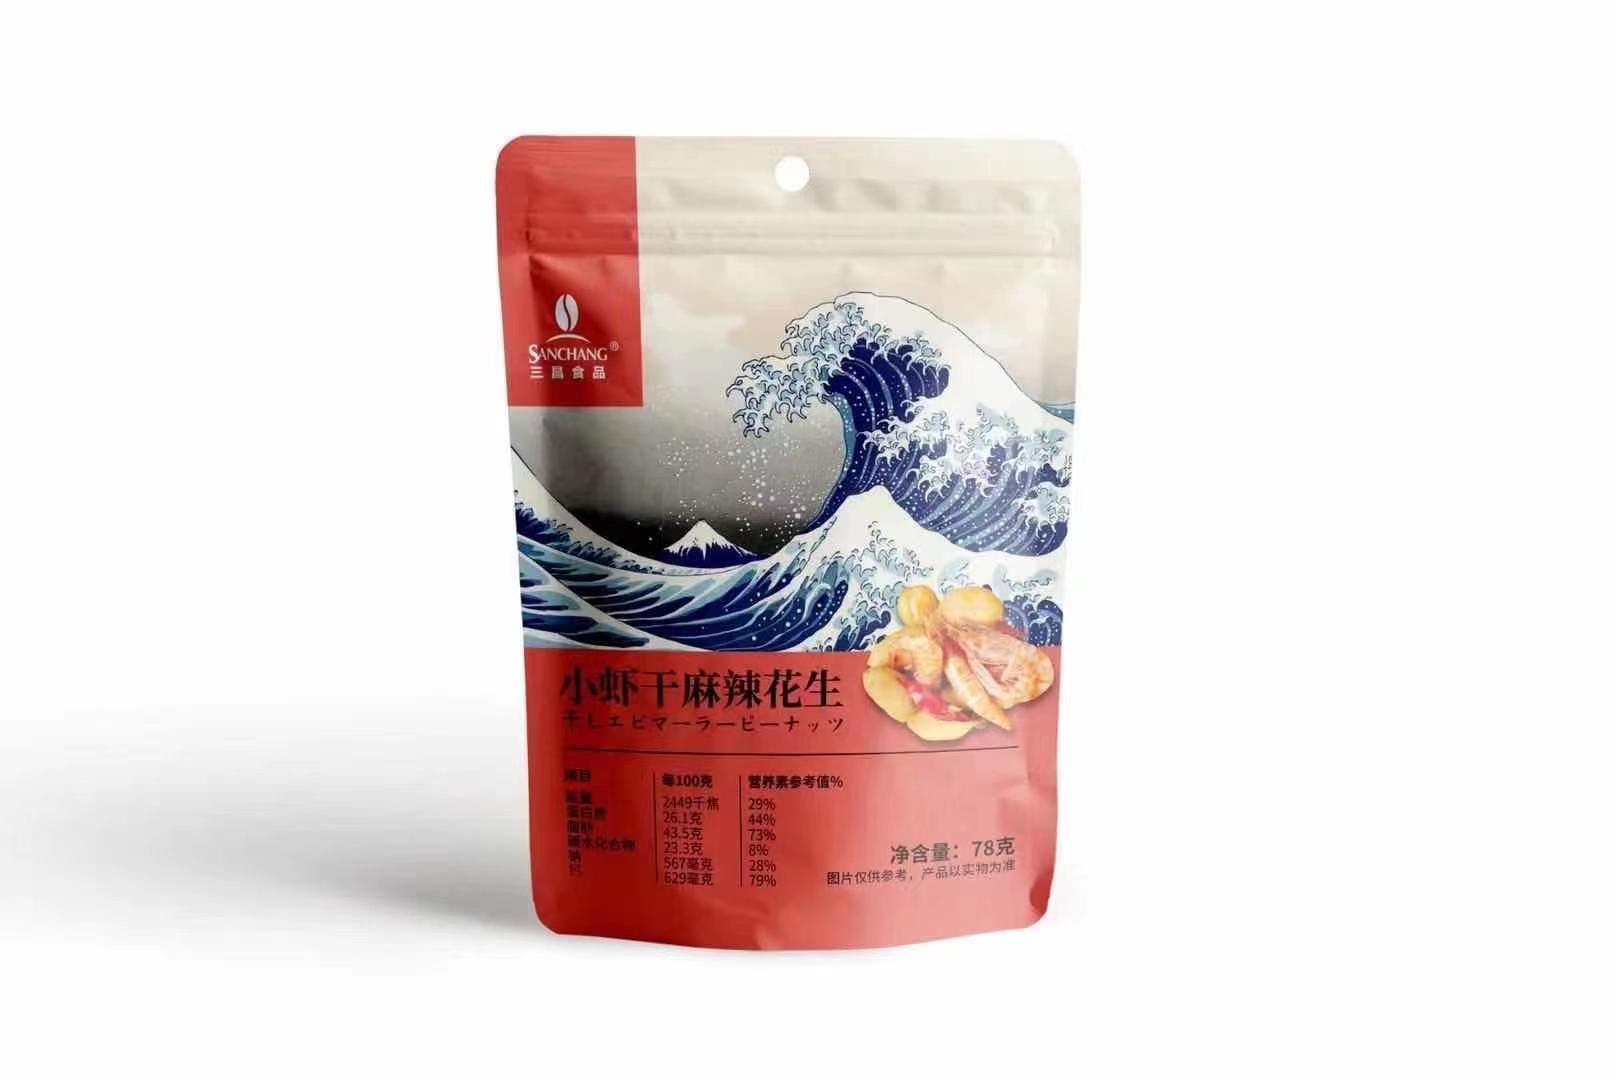 海鲜麻辣花生 5